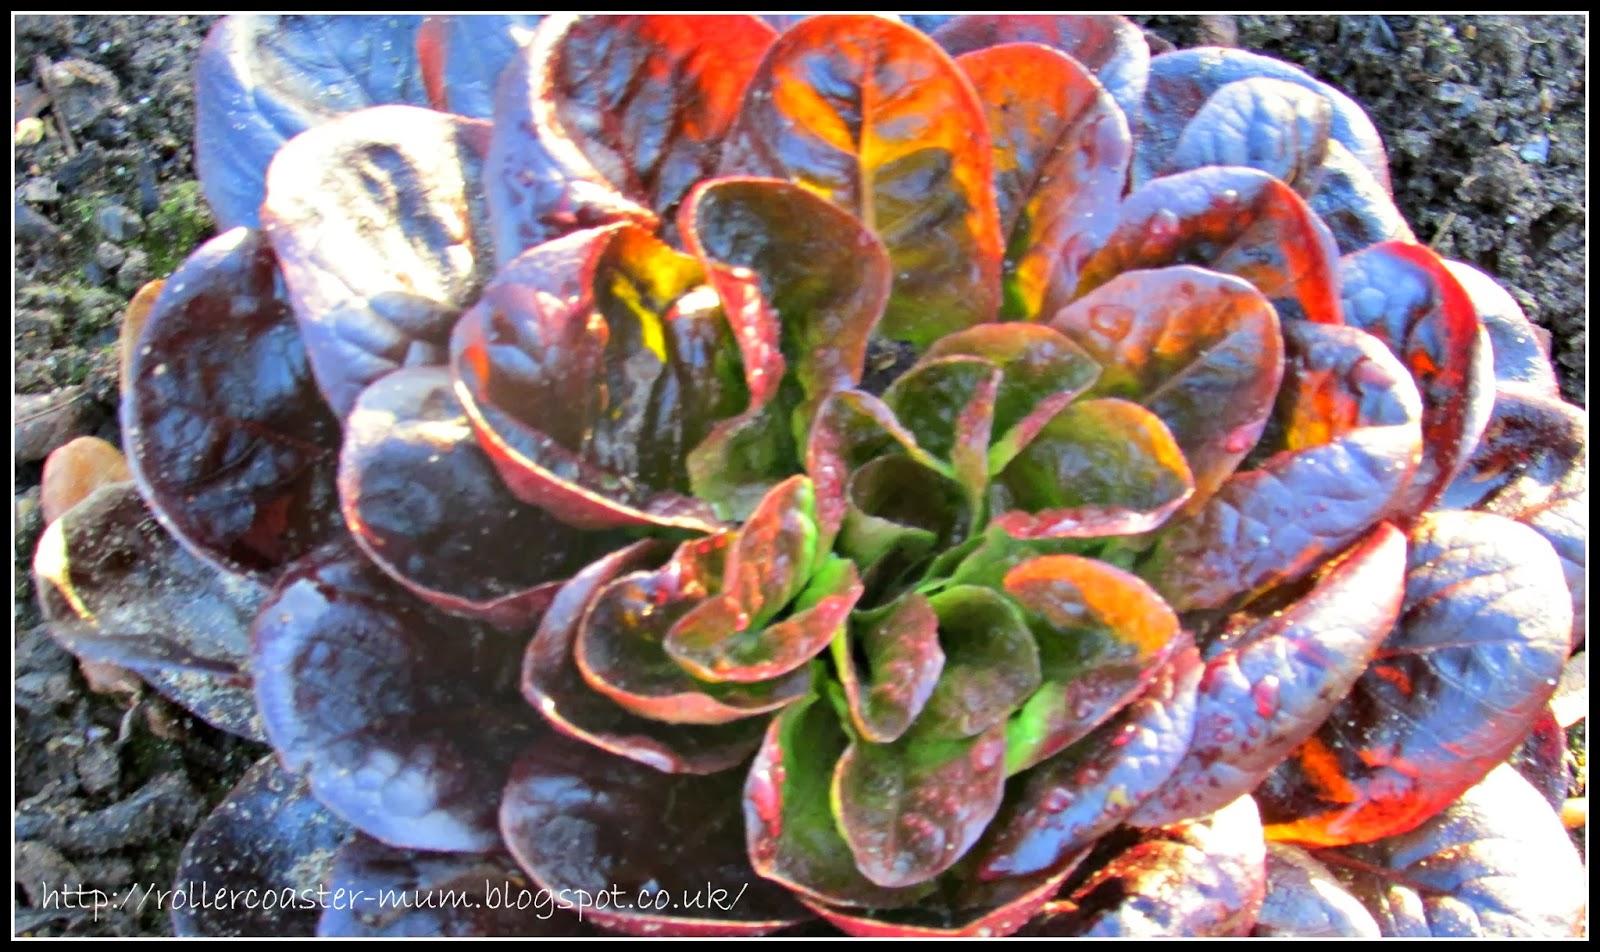 RHS Wisley plants